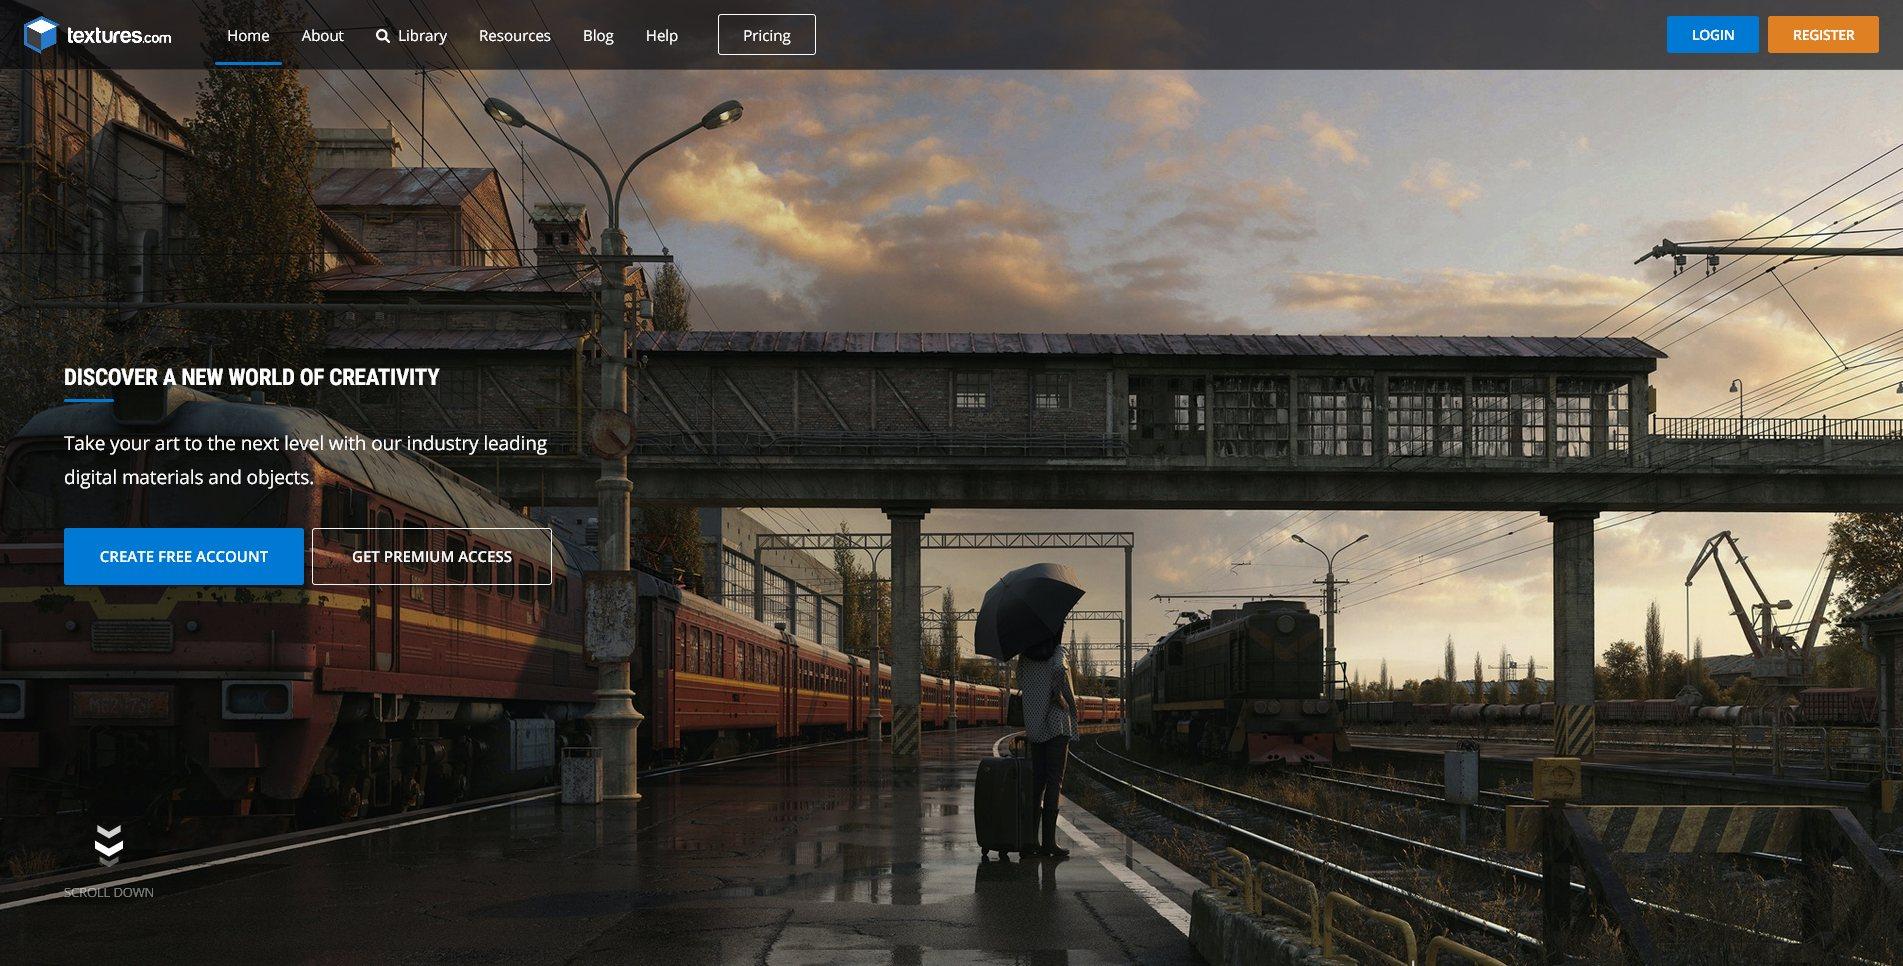 Site Screenshot of Textures.com